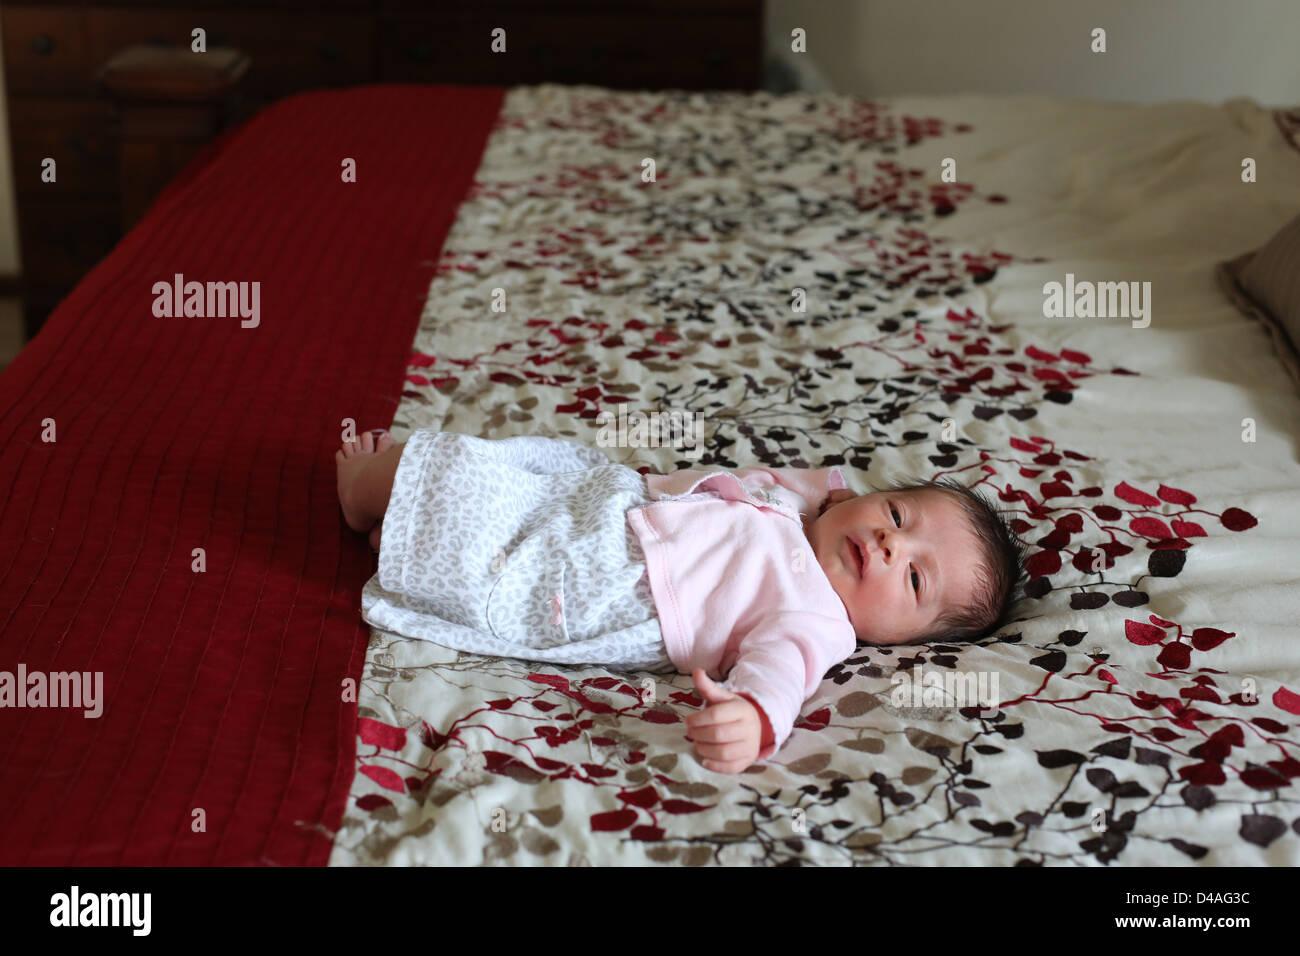 Un tout petit bébé nouveau-né allongé sur un grand lit. Banque D'Images